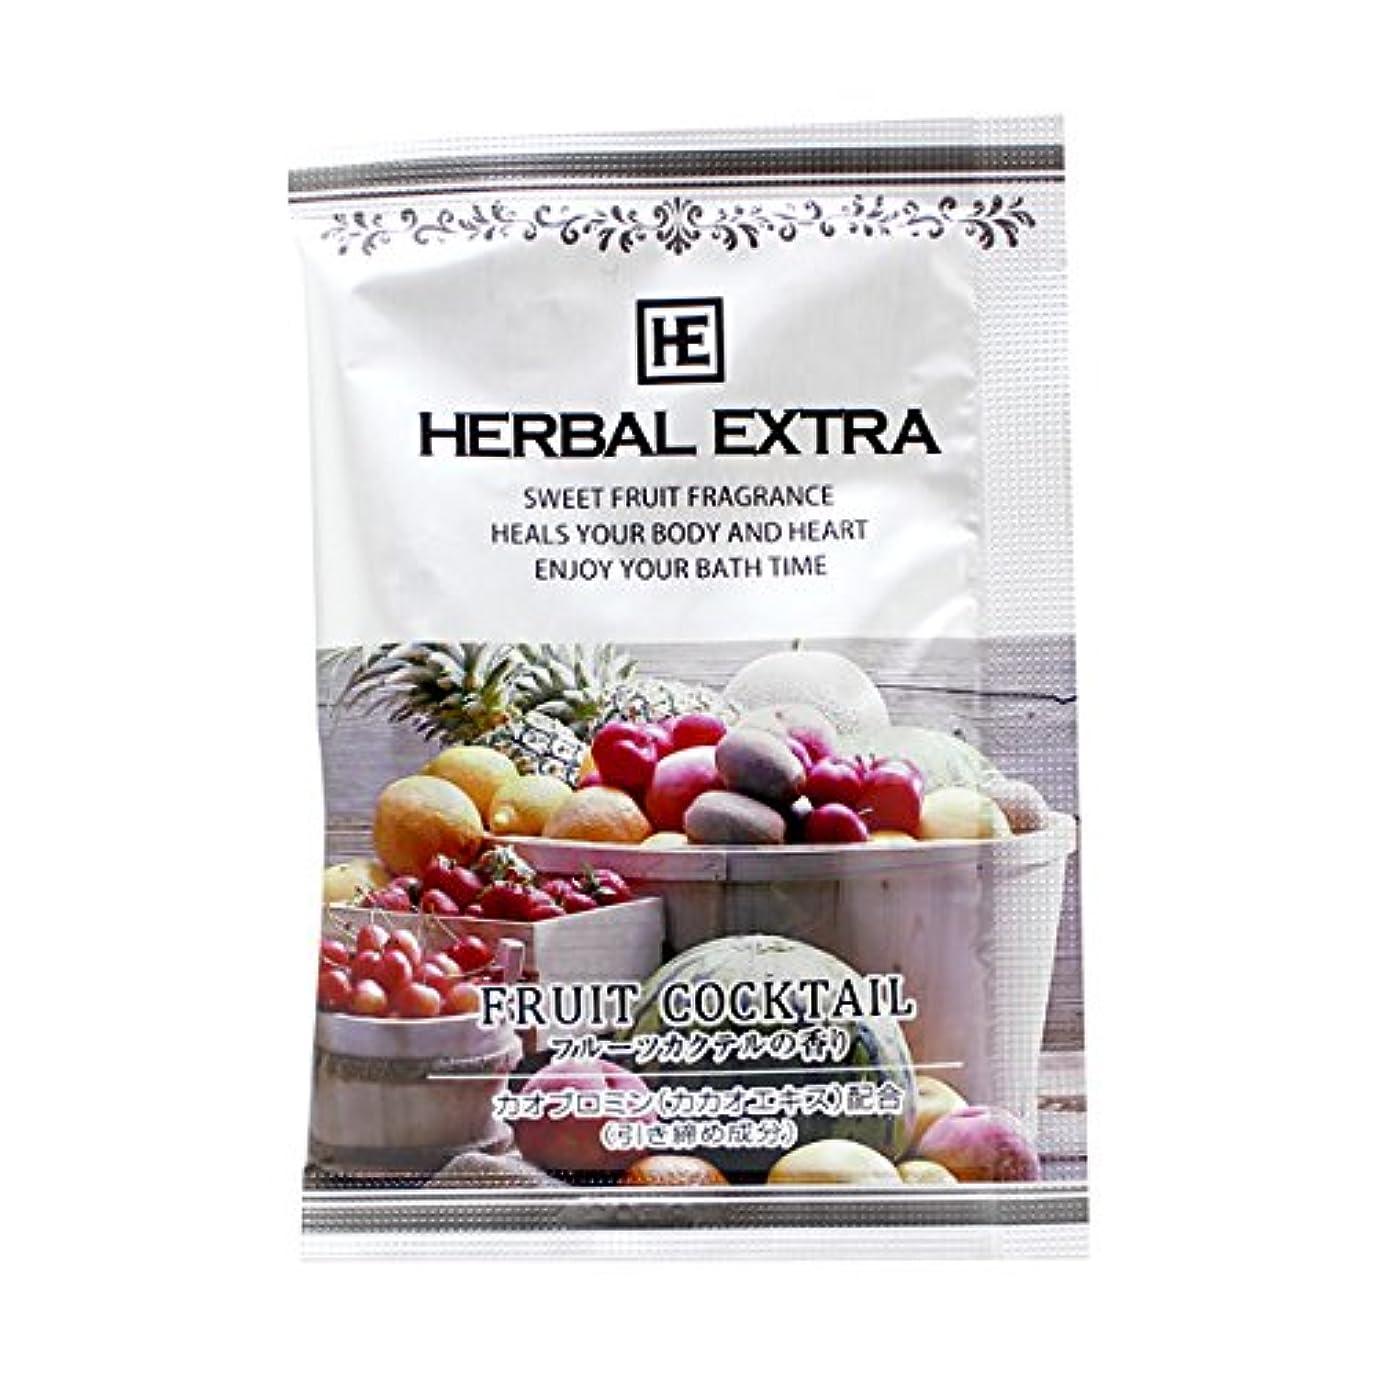 クレア見込み折り目入浴剤 ハーバルエクストラ「フルーツカクテルの香り」30個